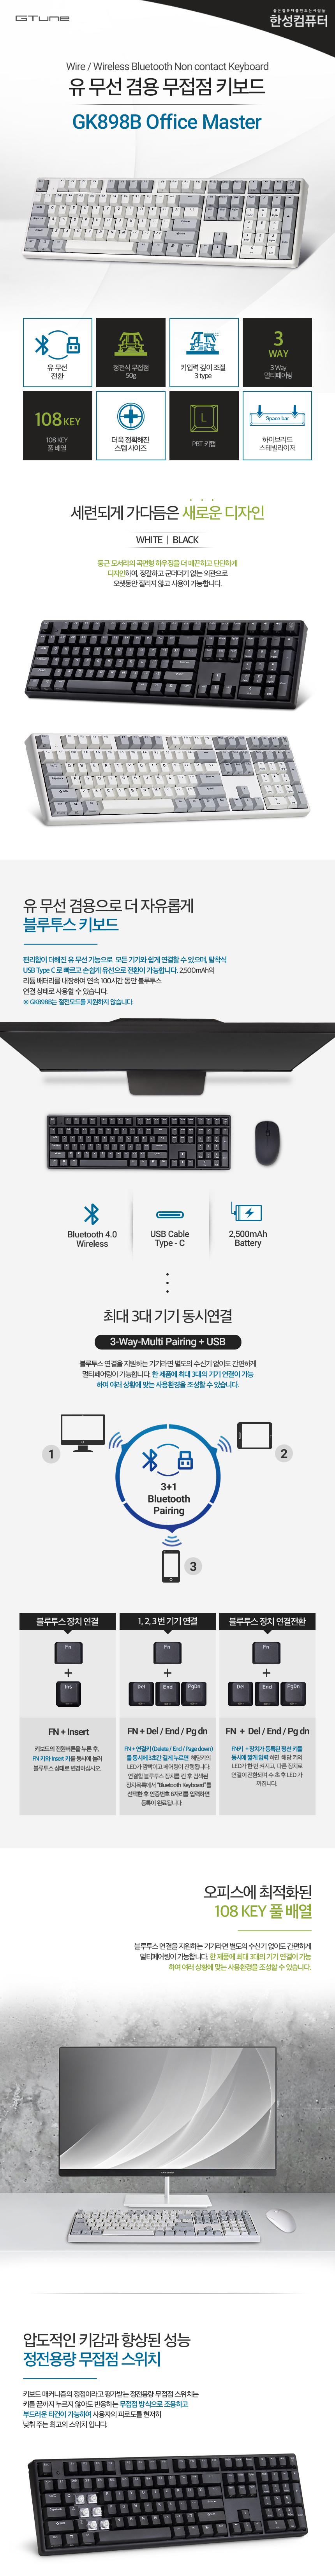 한성컴퓨터  GK898B OfficeMaster 영문(화이트)